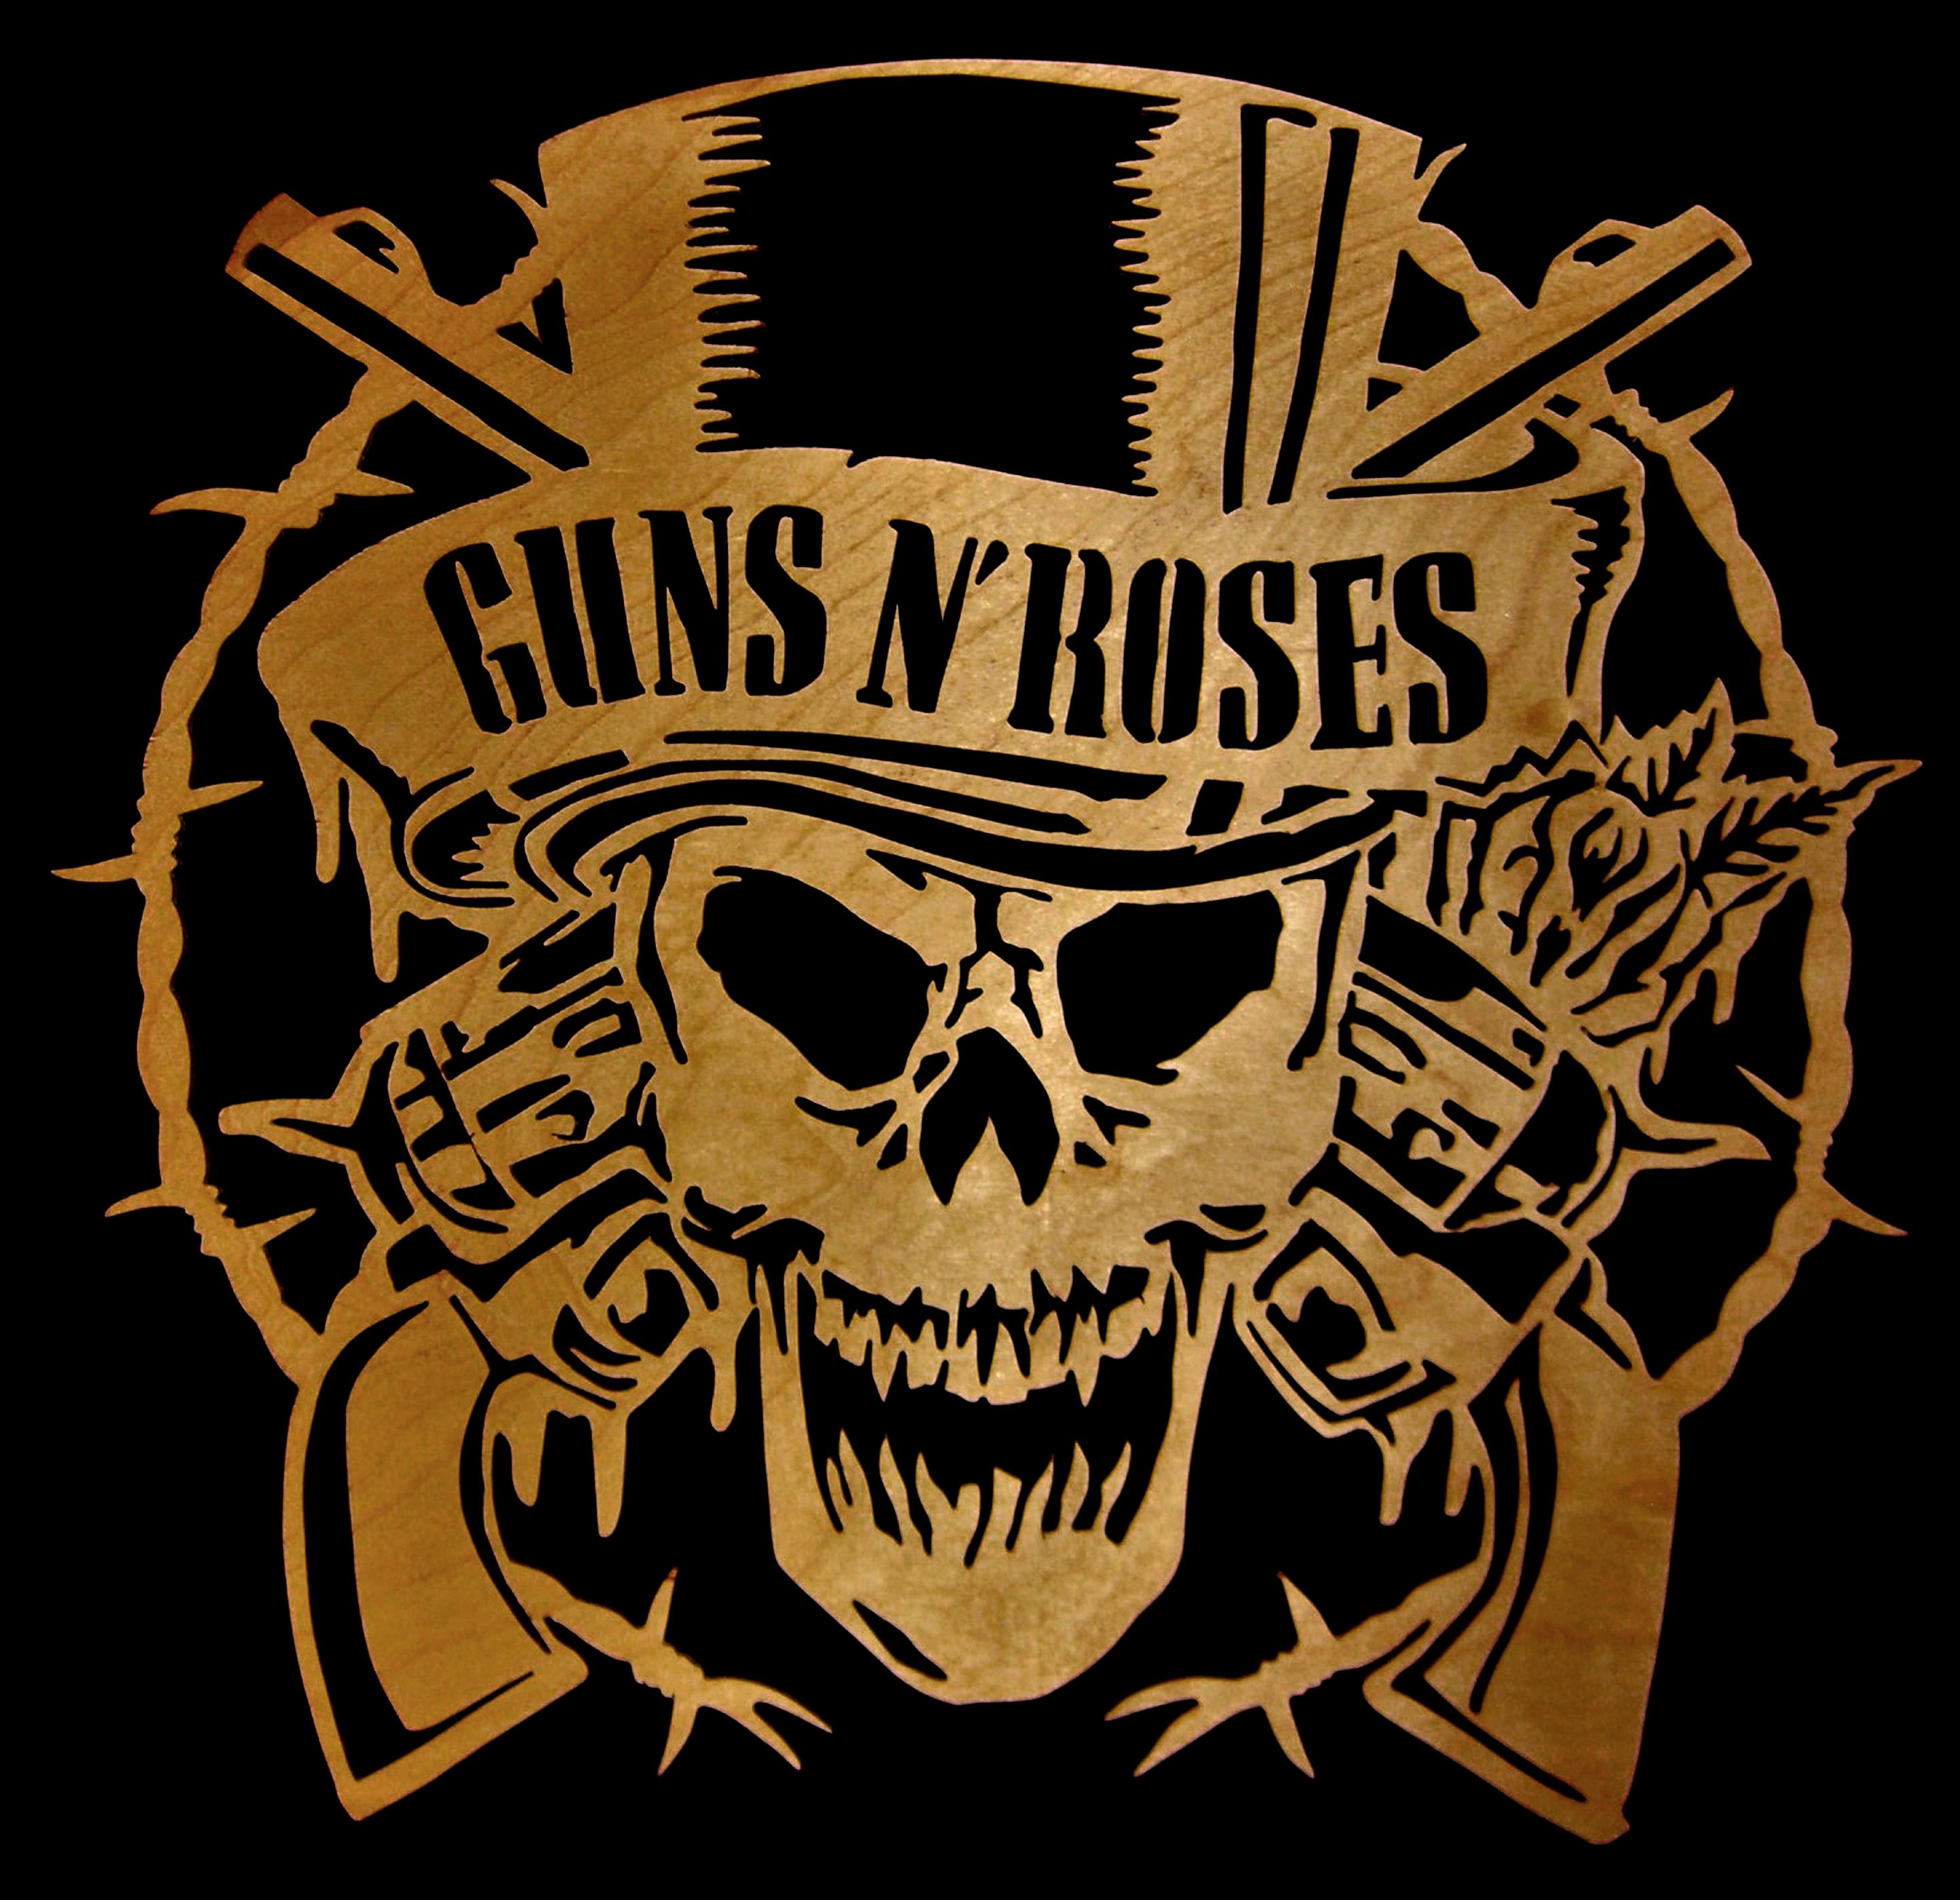 guns n roses logo - HD2884×2795